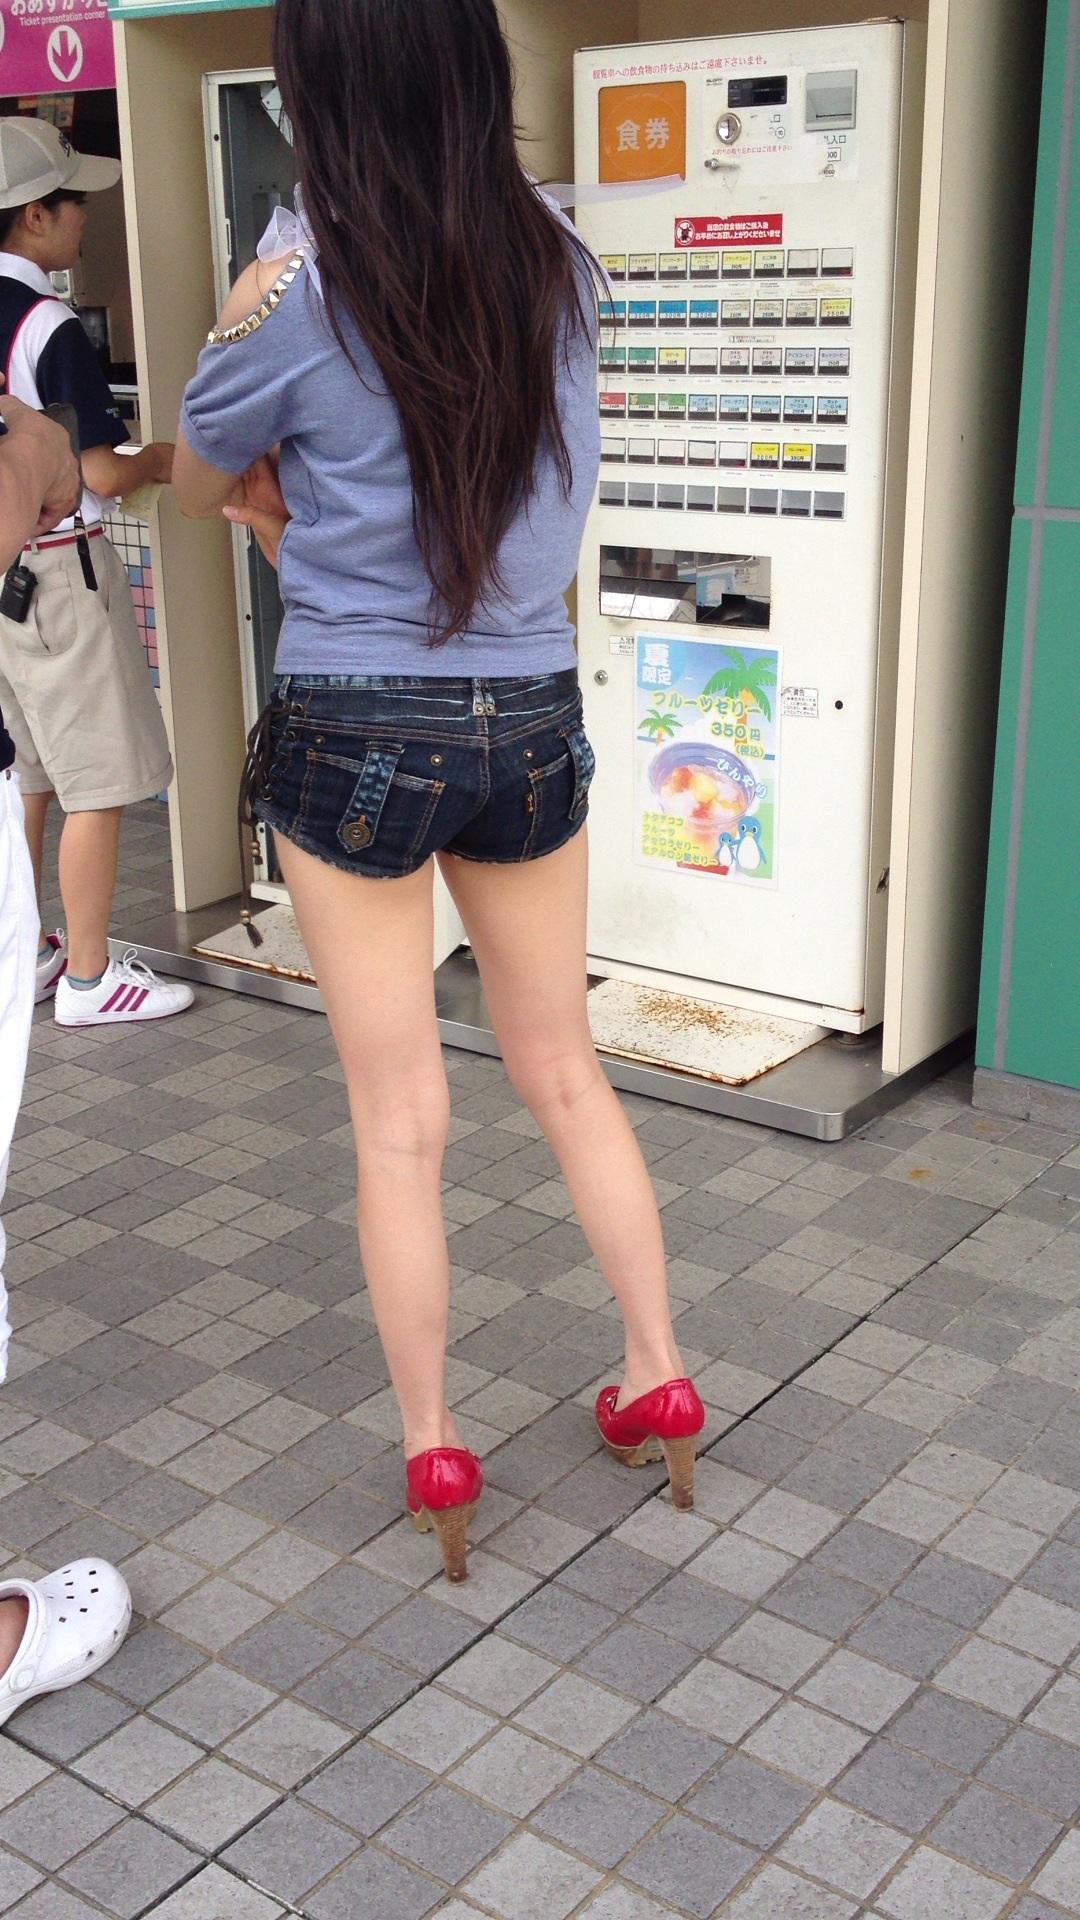 【短パン街撮り画像】美脚とヒップラインが際立つ短パン女性を背後から眺める 08